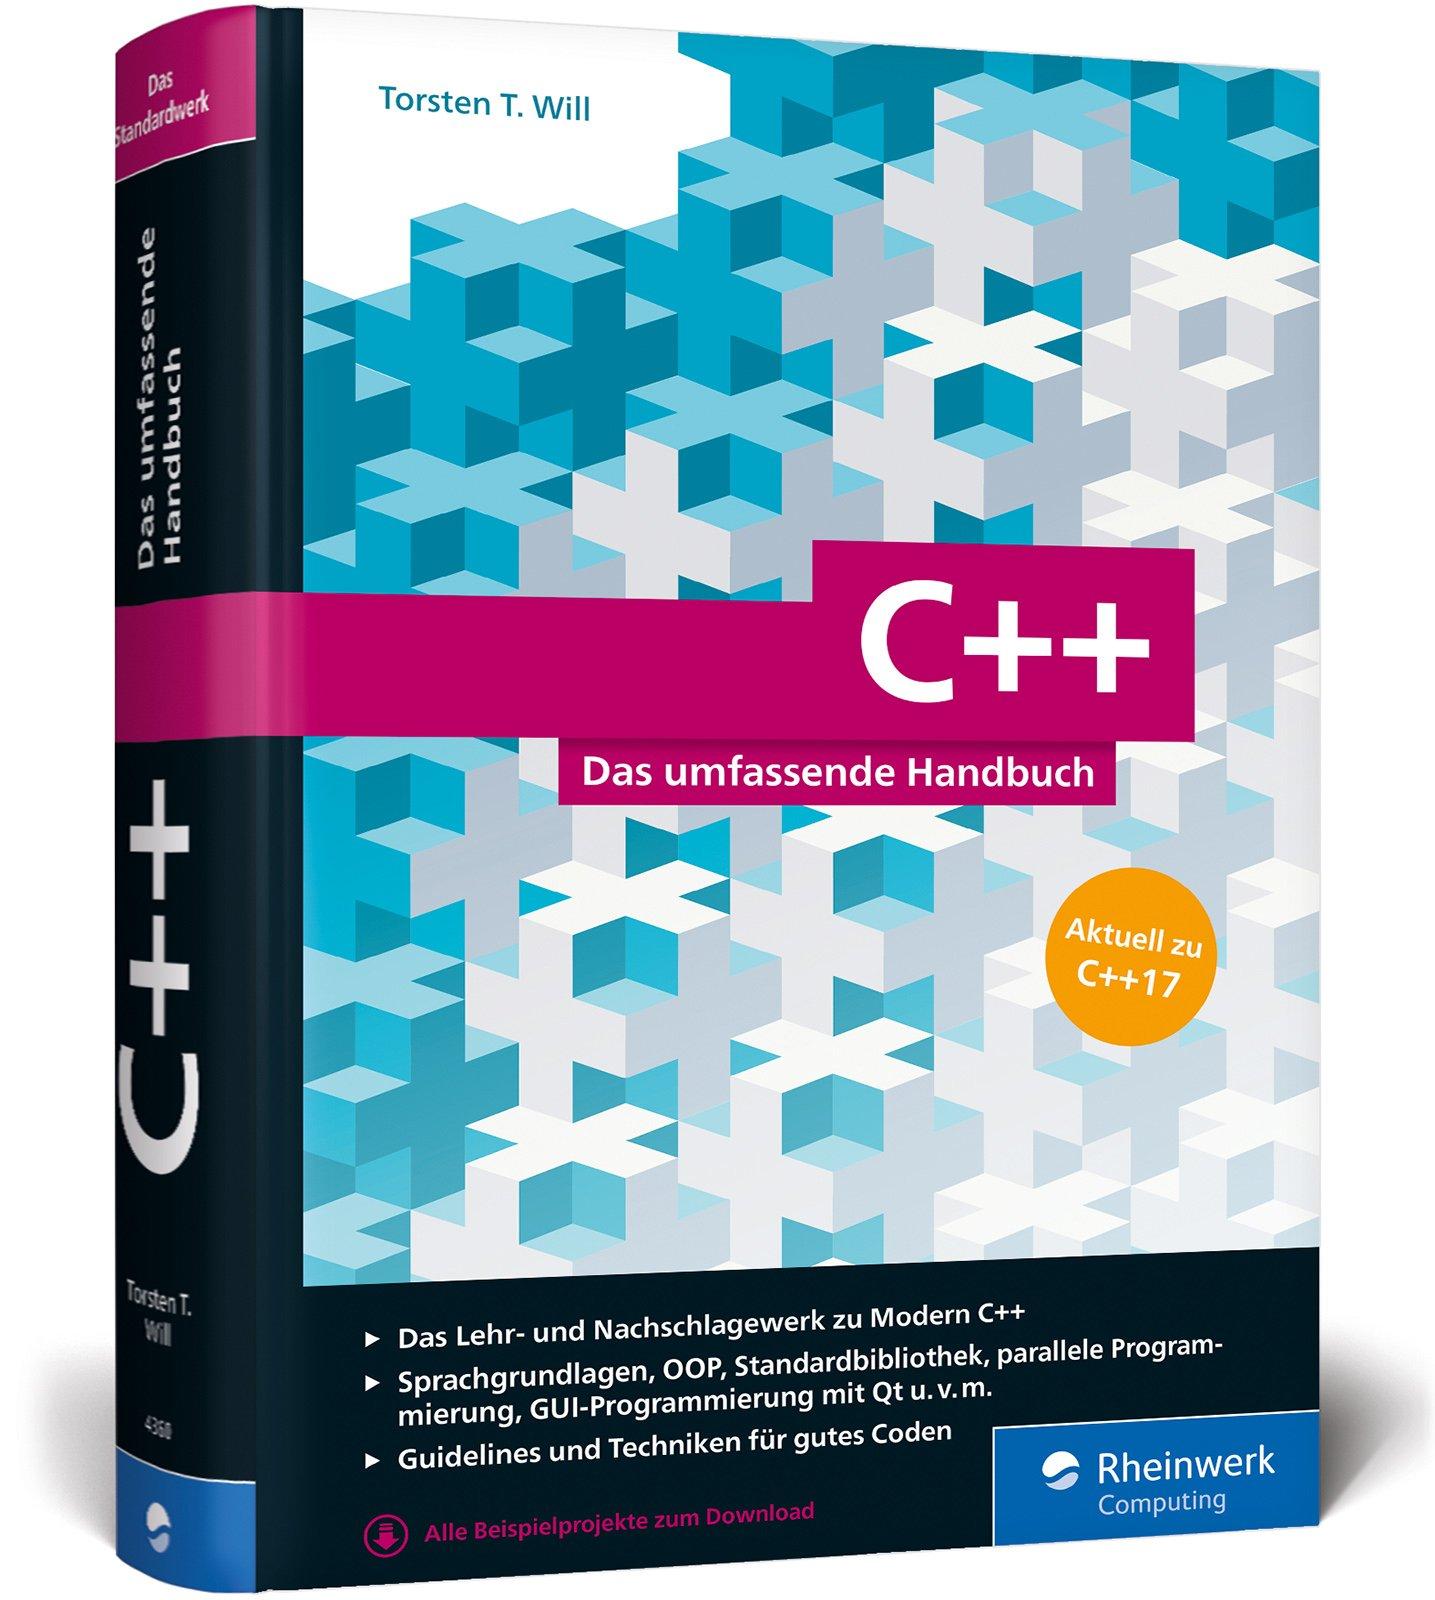 C++: Das umfassende Handbuch. Aktuell zu C++17 Gebundenes Buch – 27. Dezember 2017 Torsten T. Will Rheinwerk Computing 3836243601 COMPUTERS / General